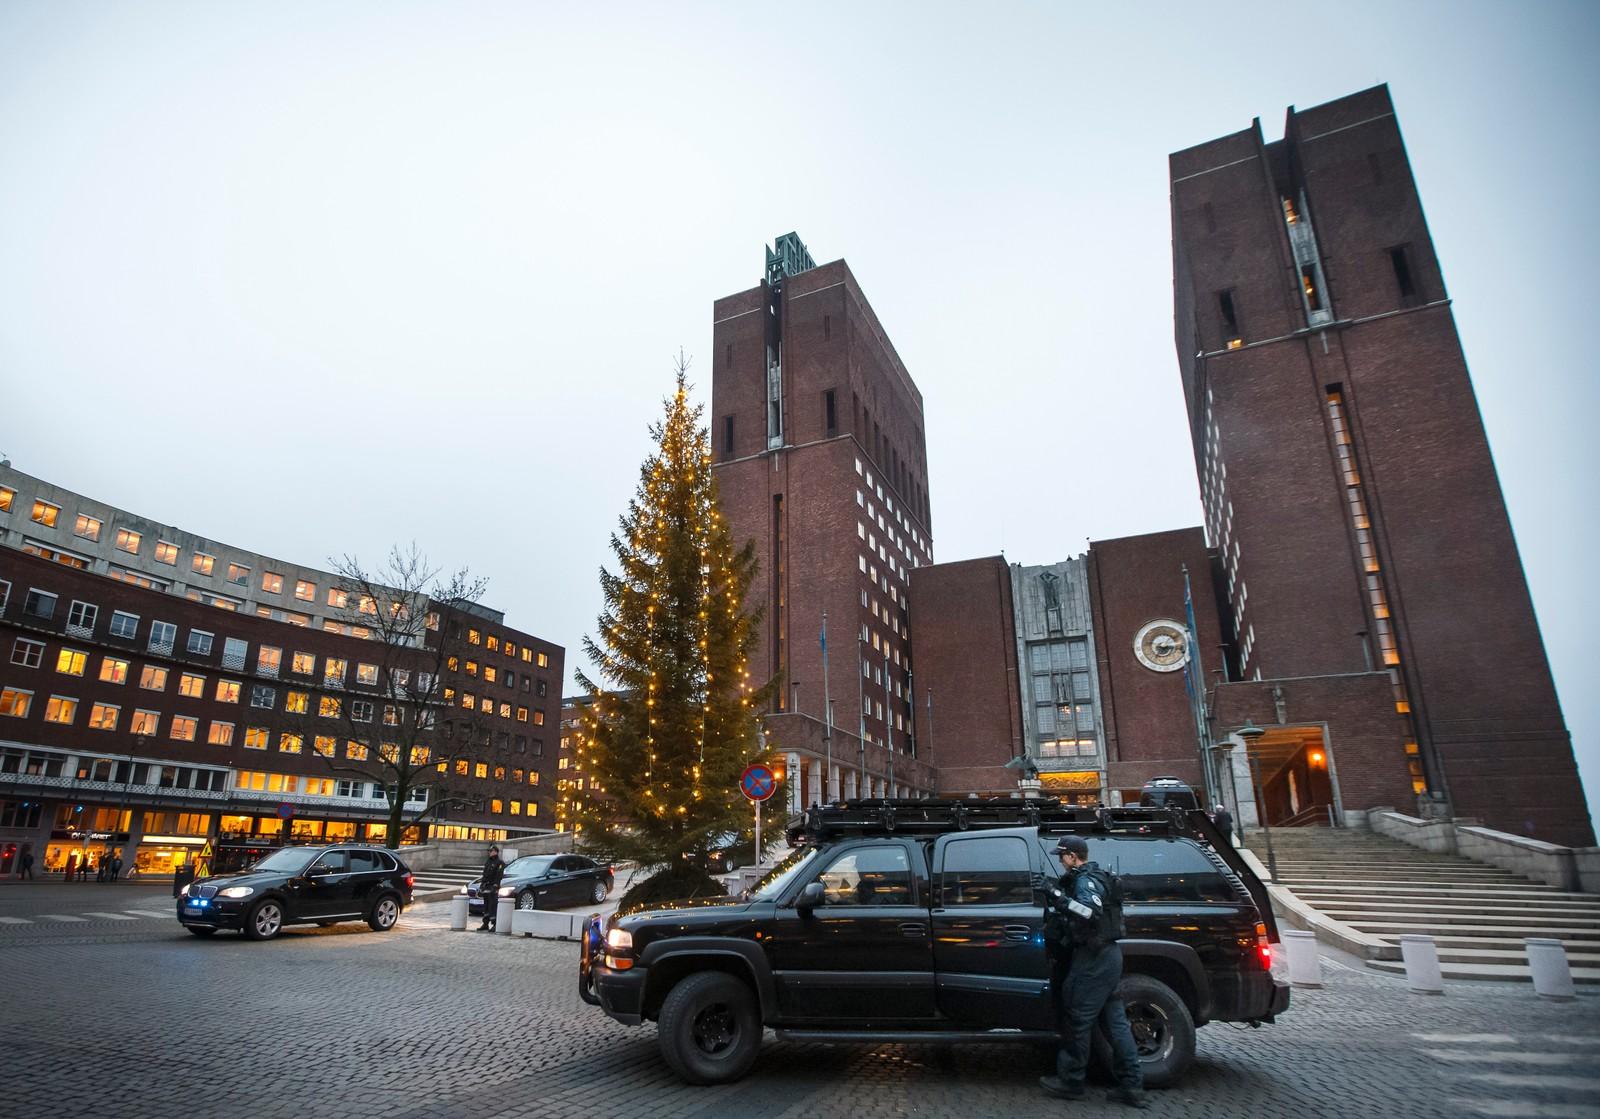 DAGEN FØR DAGEN: Mye politi med skarpe våpen og sikkerhet rundt Oslo Rådhus dagen før fredspris utdelingen til Kailash Satyarthi og Malala Yousafzai.